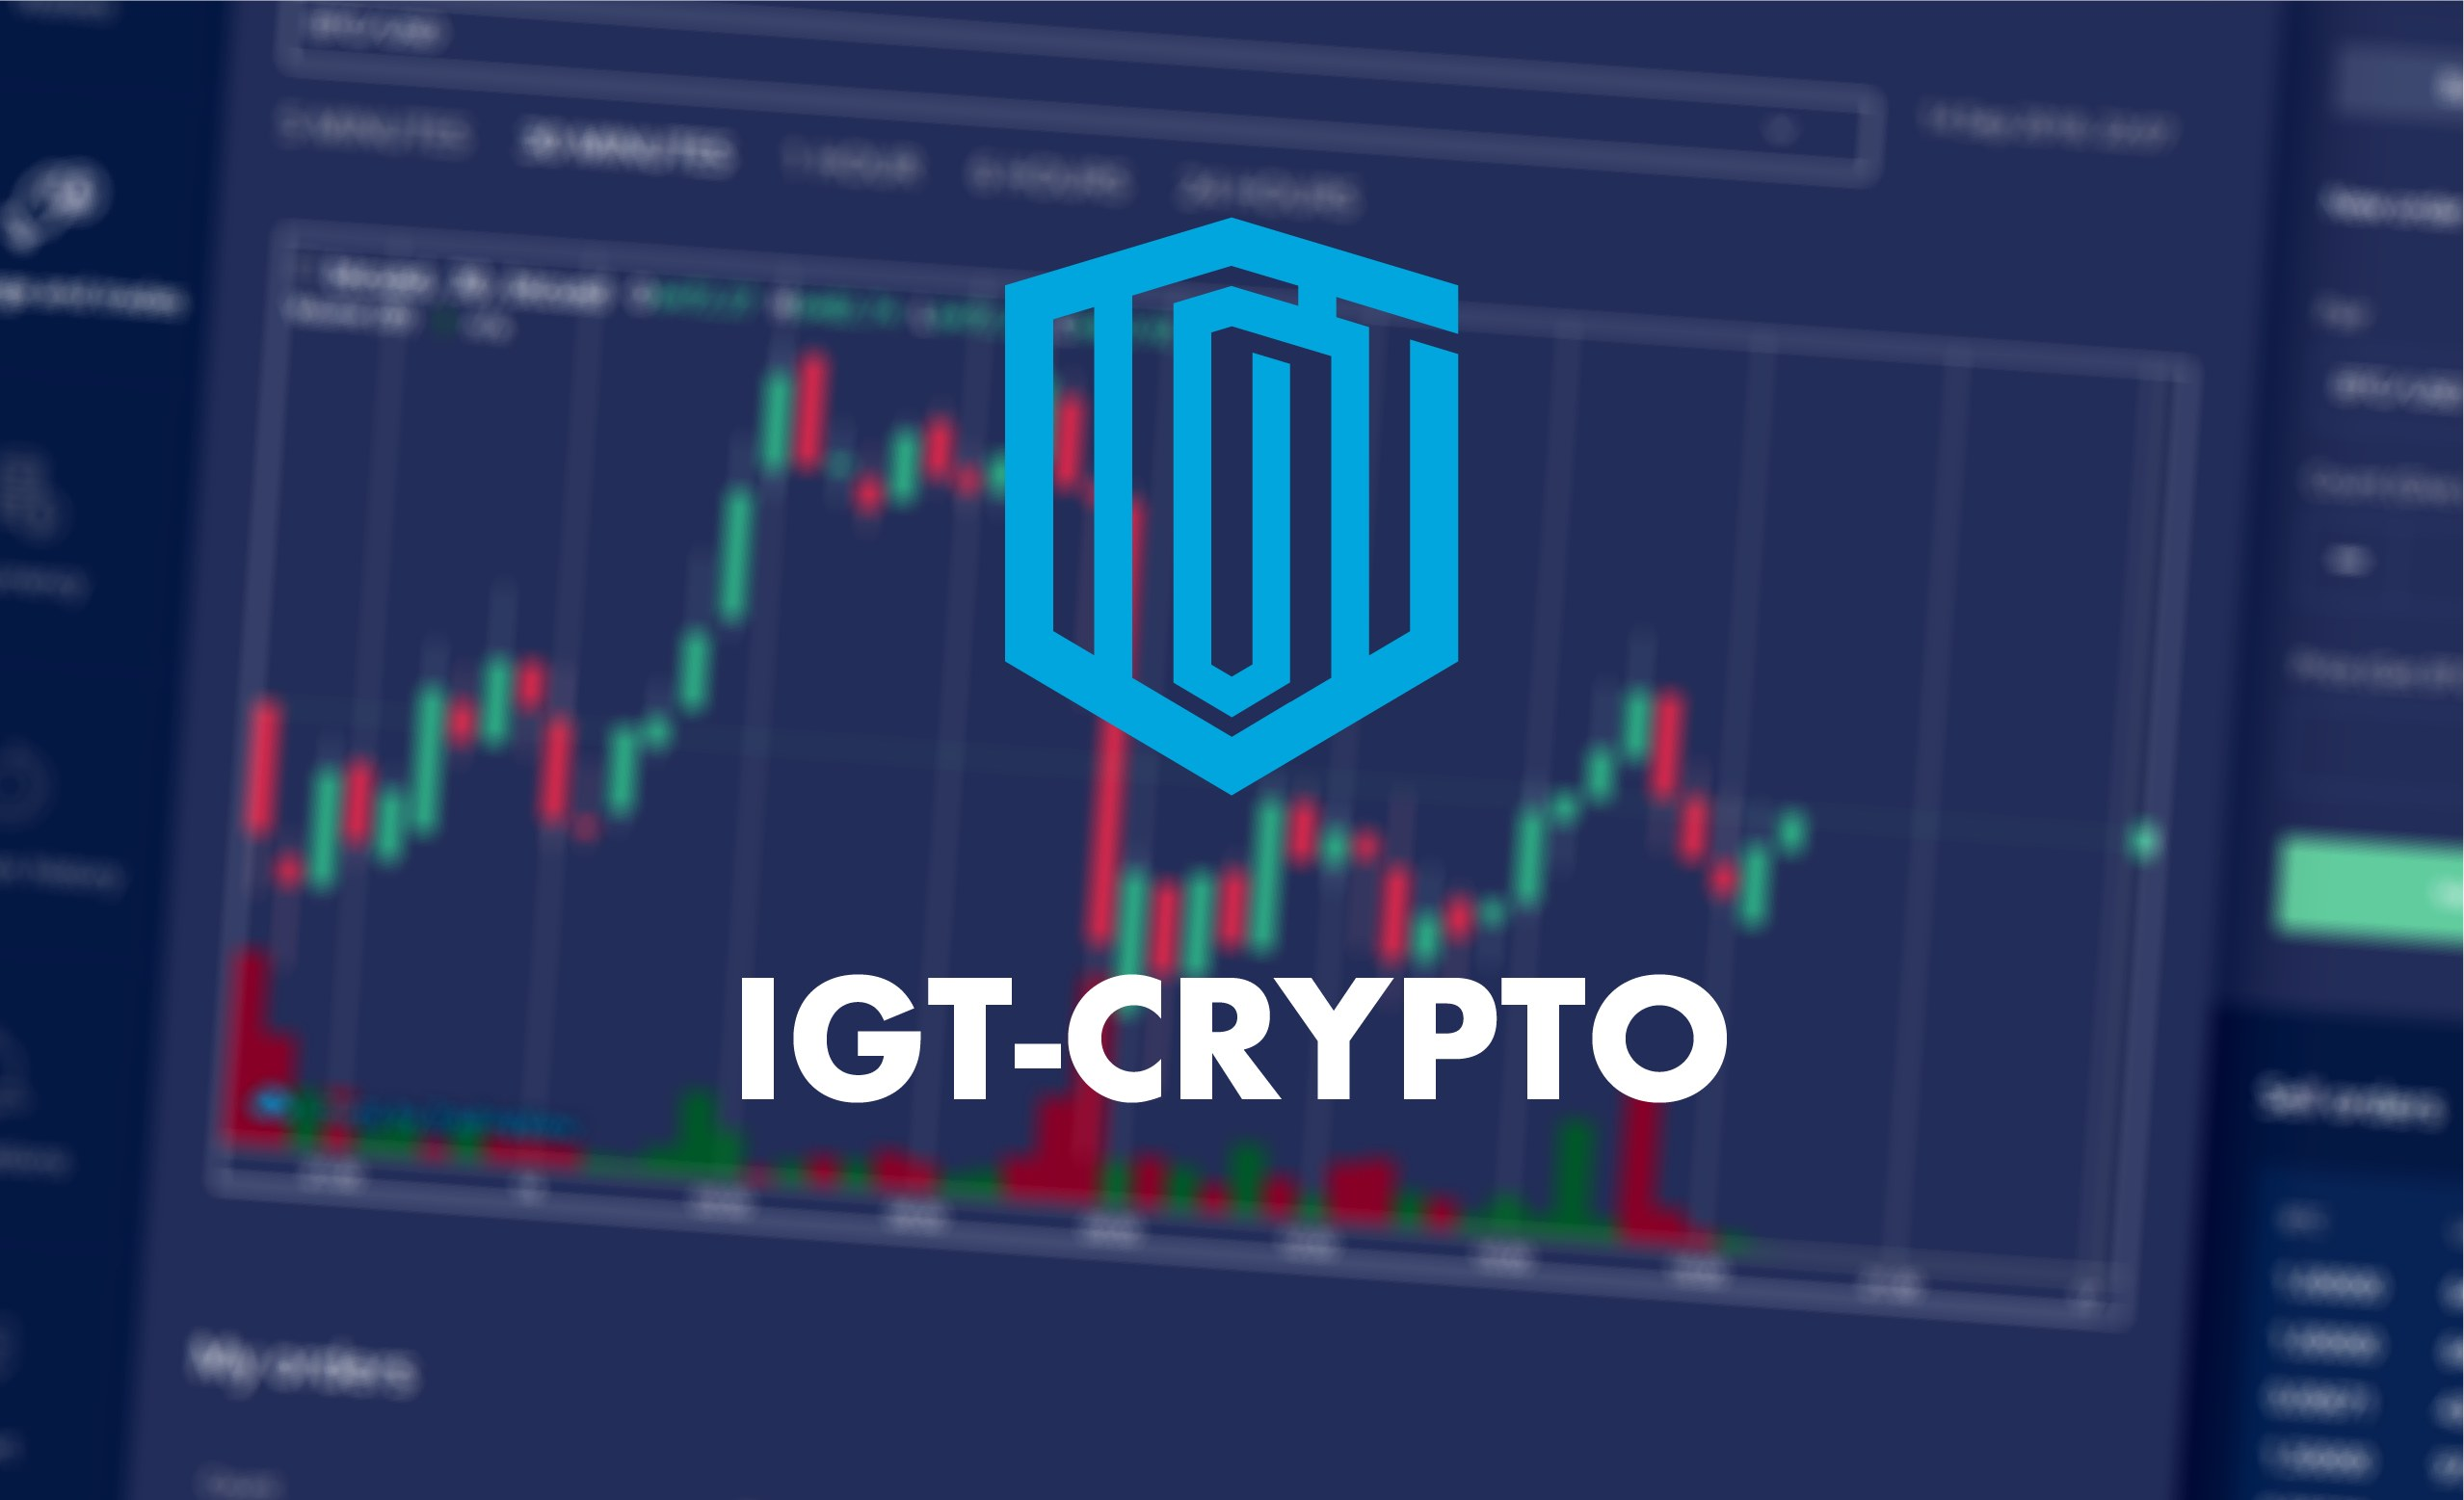 Криптовалютная биржа IGT-CRYPTO объявила о сотрудничестве с Credits.com